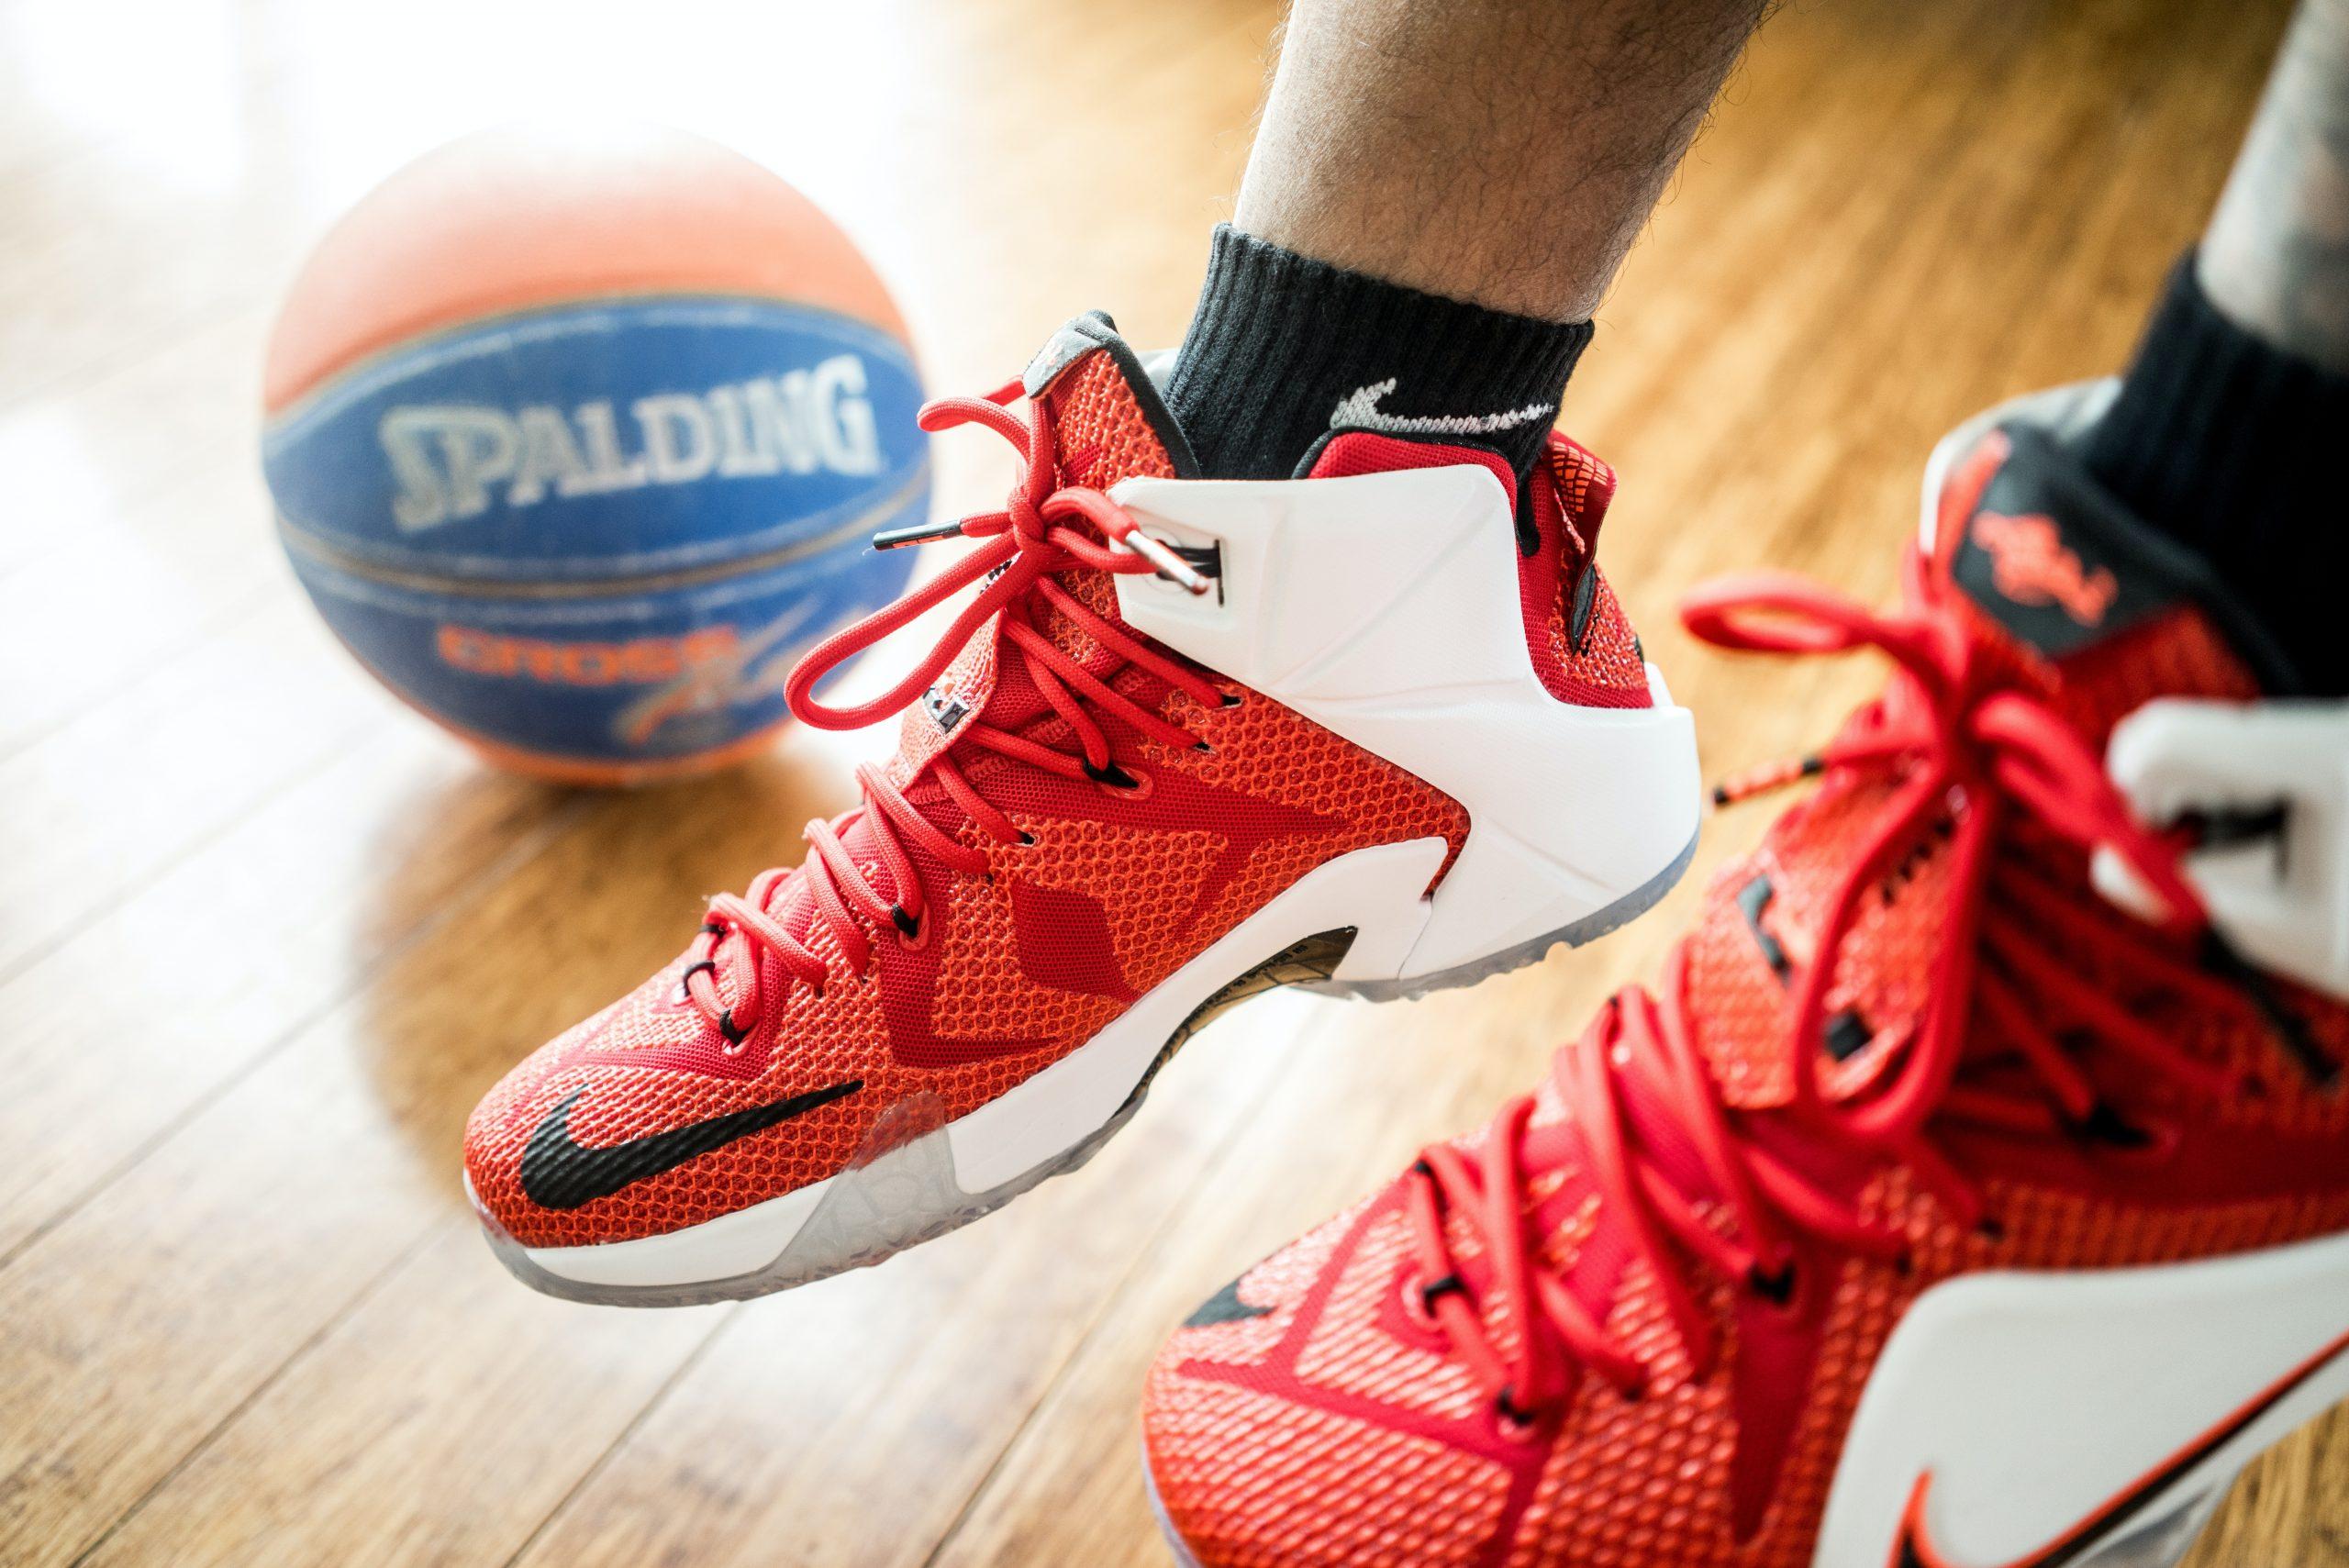 Imagem de um homem usando um tênis de basquete.